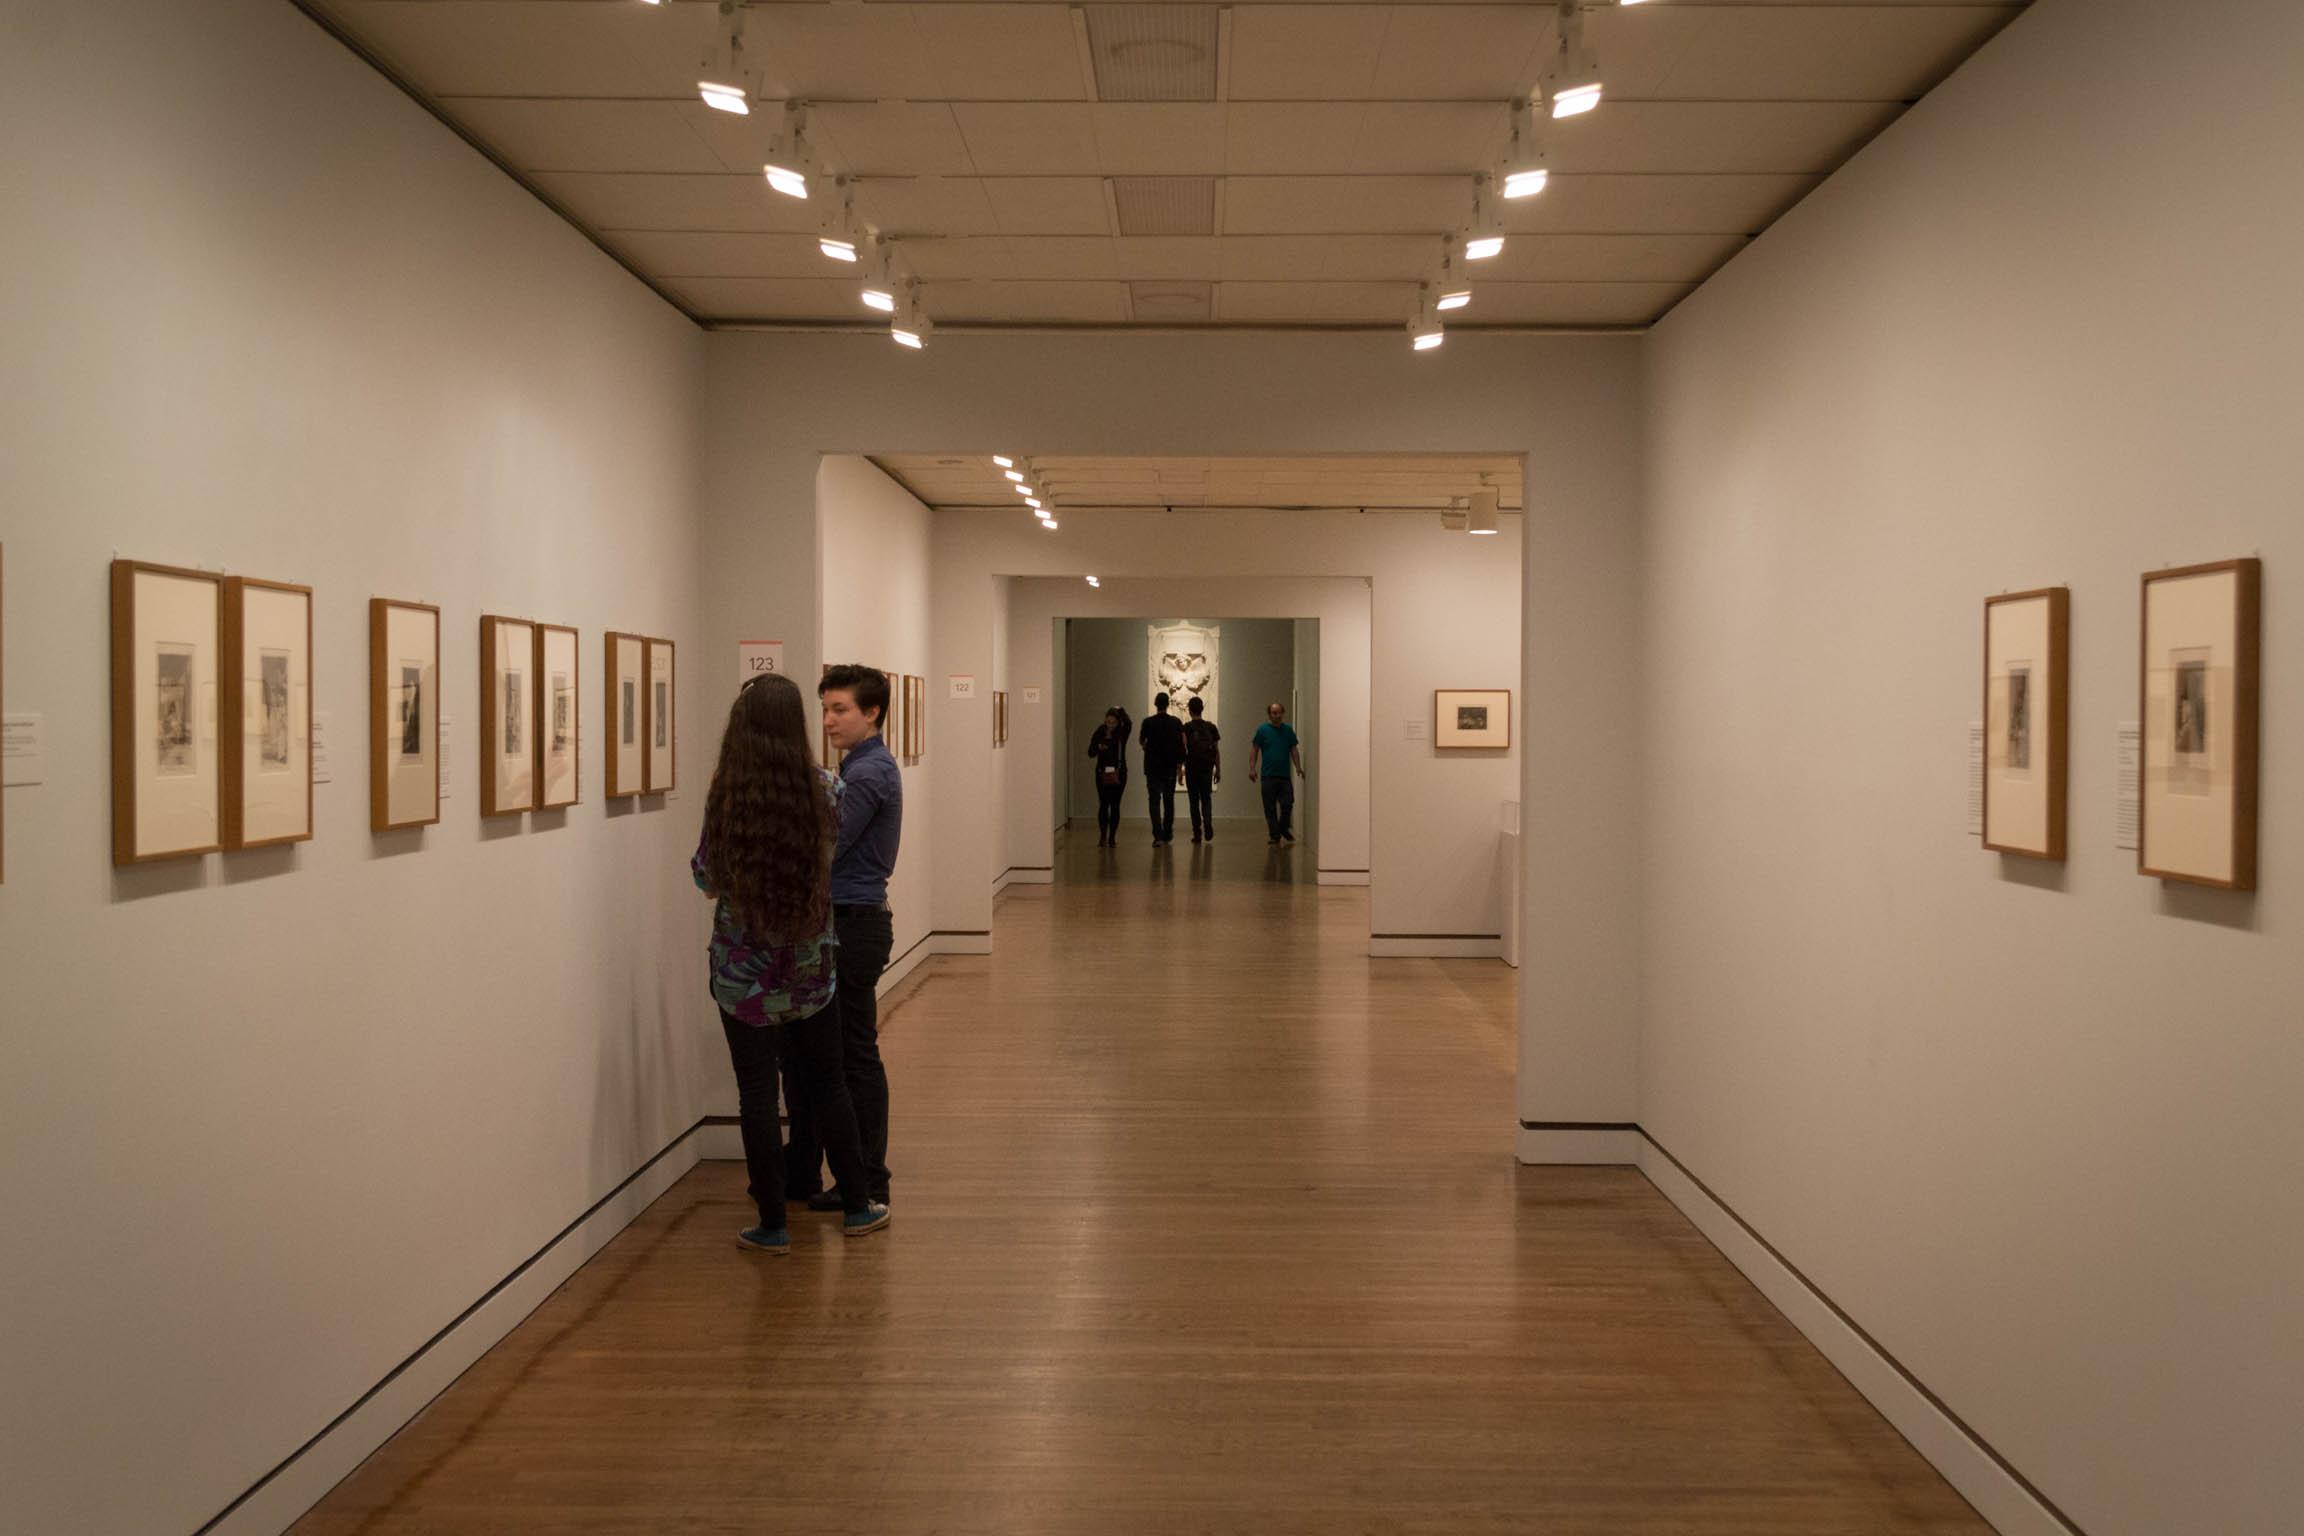 A l'intérieur du musée d'art de Philadelphie